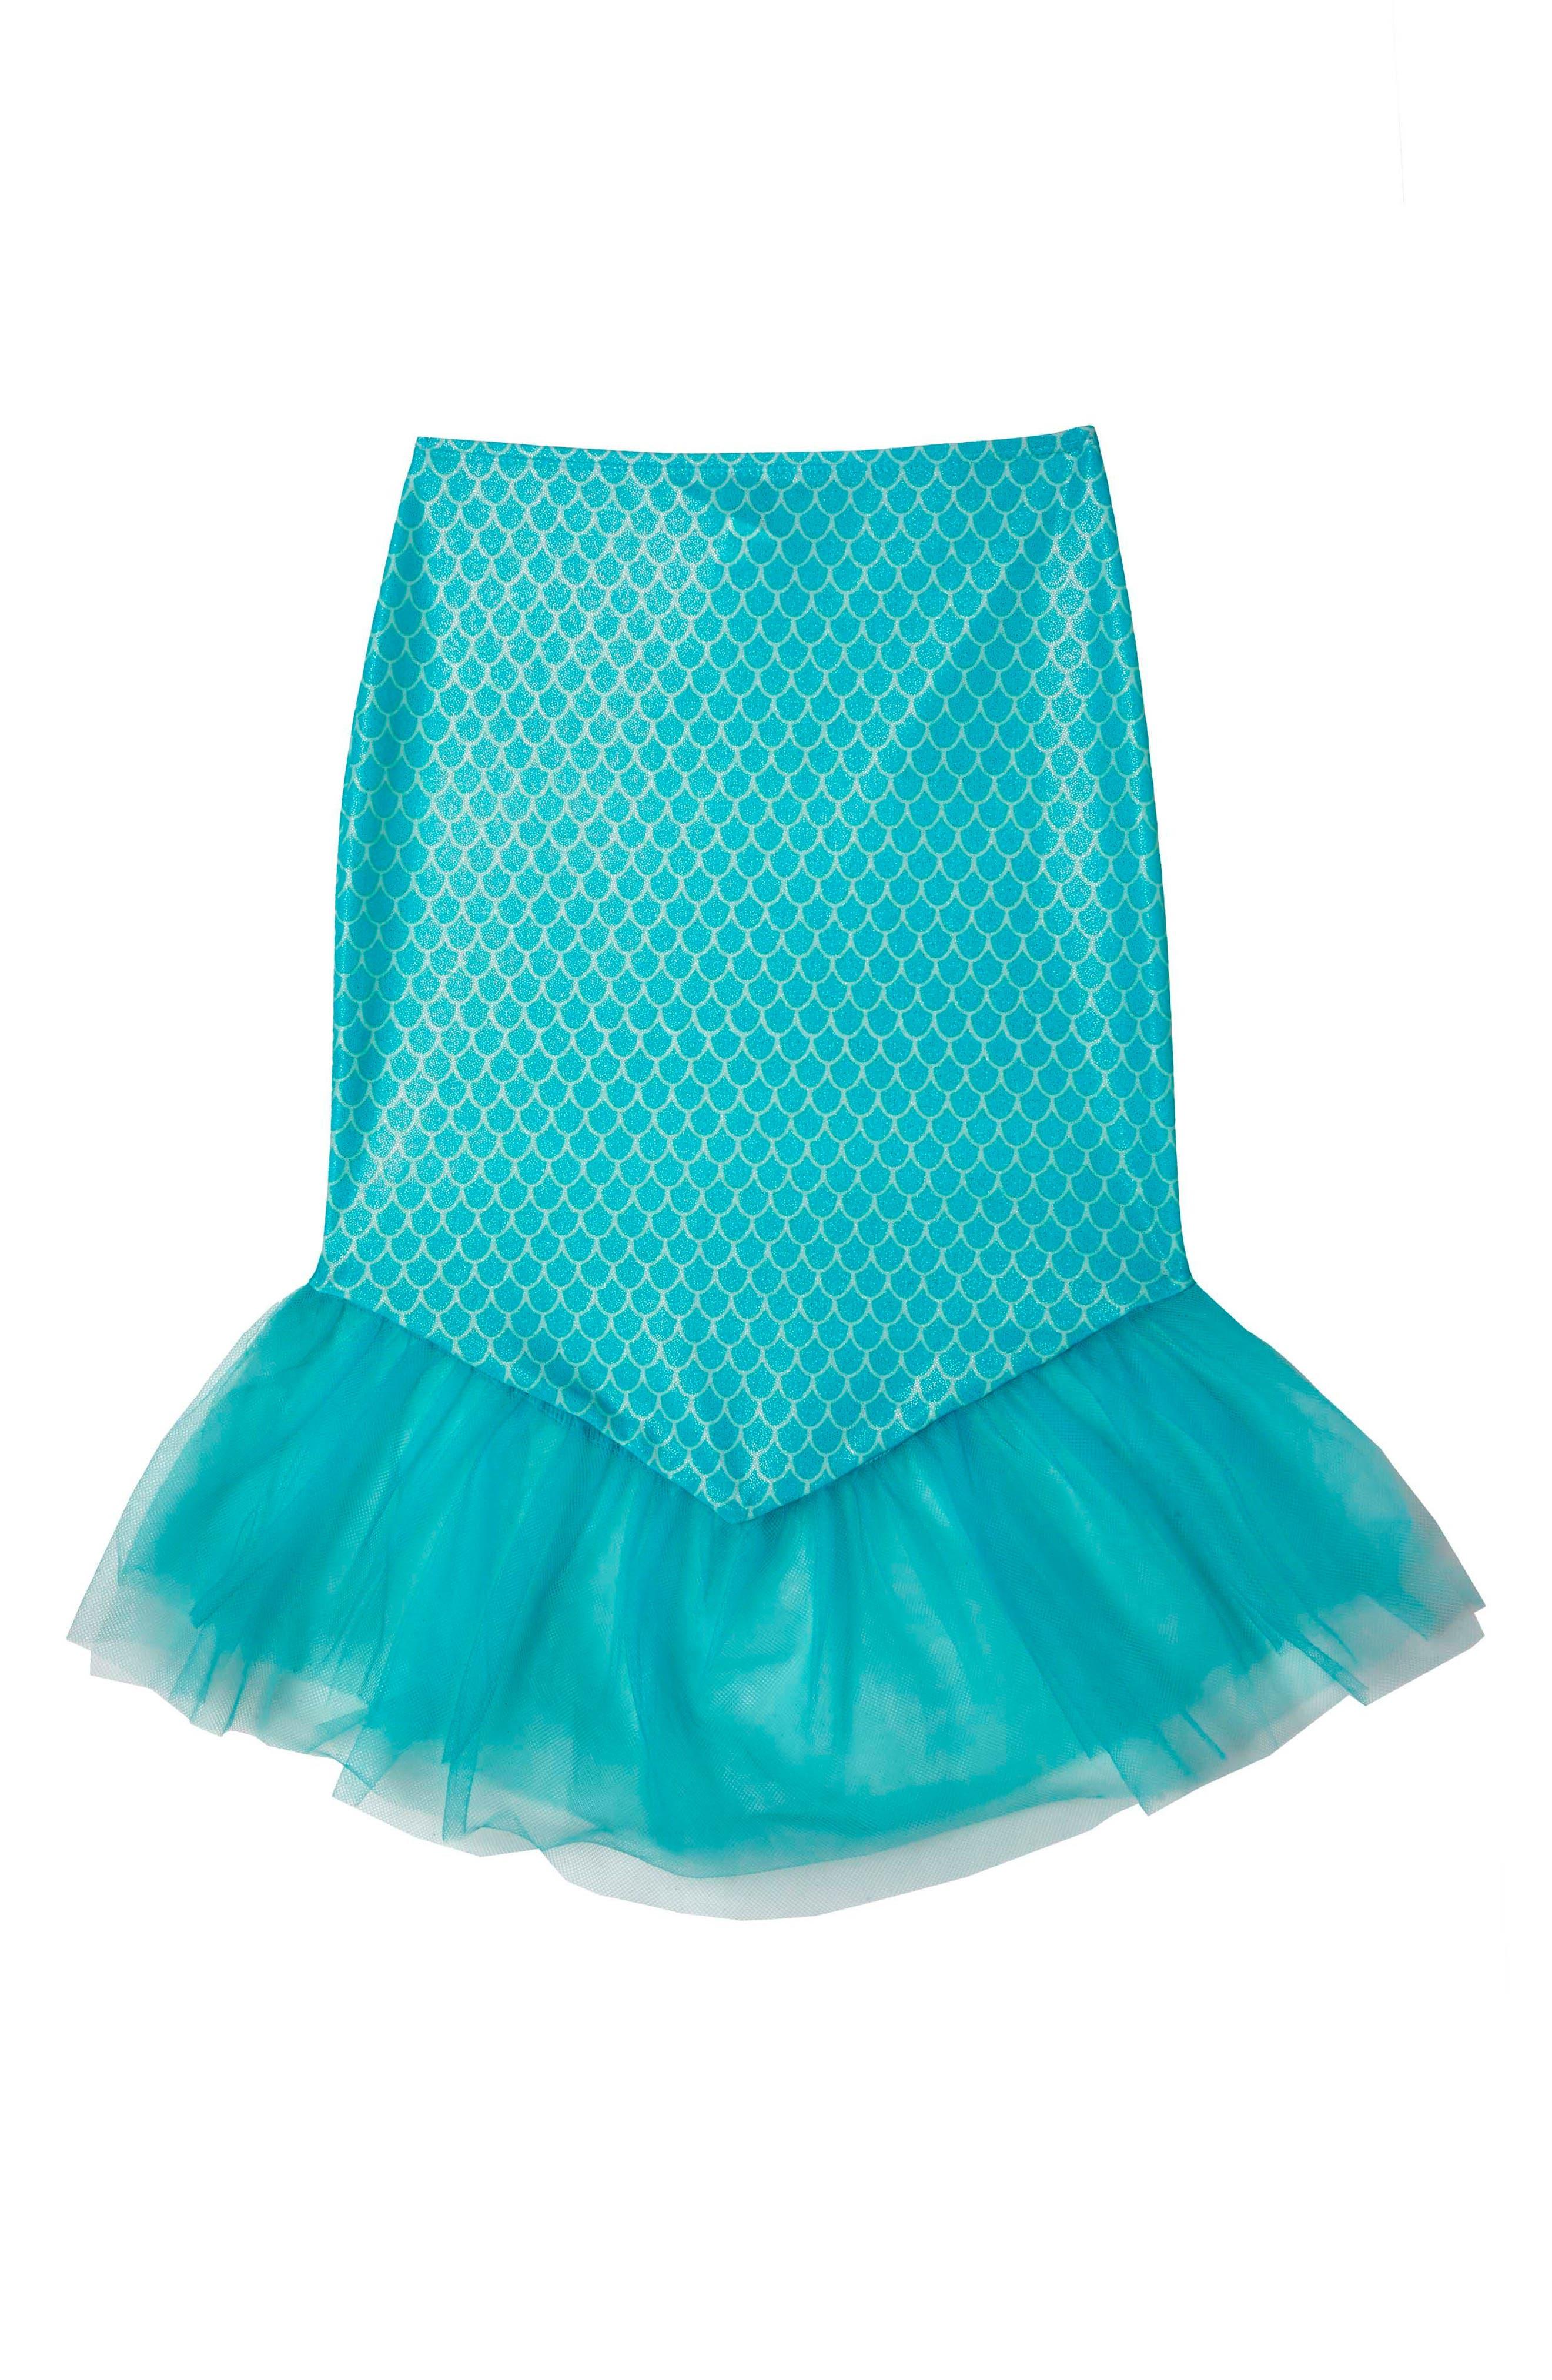 Mermaid Princess Cover-Up Skirt,                             Main thumbnail 1, color,                             400